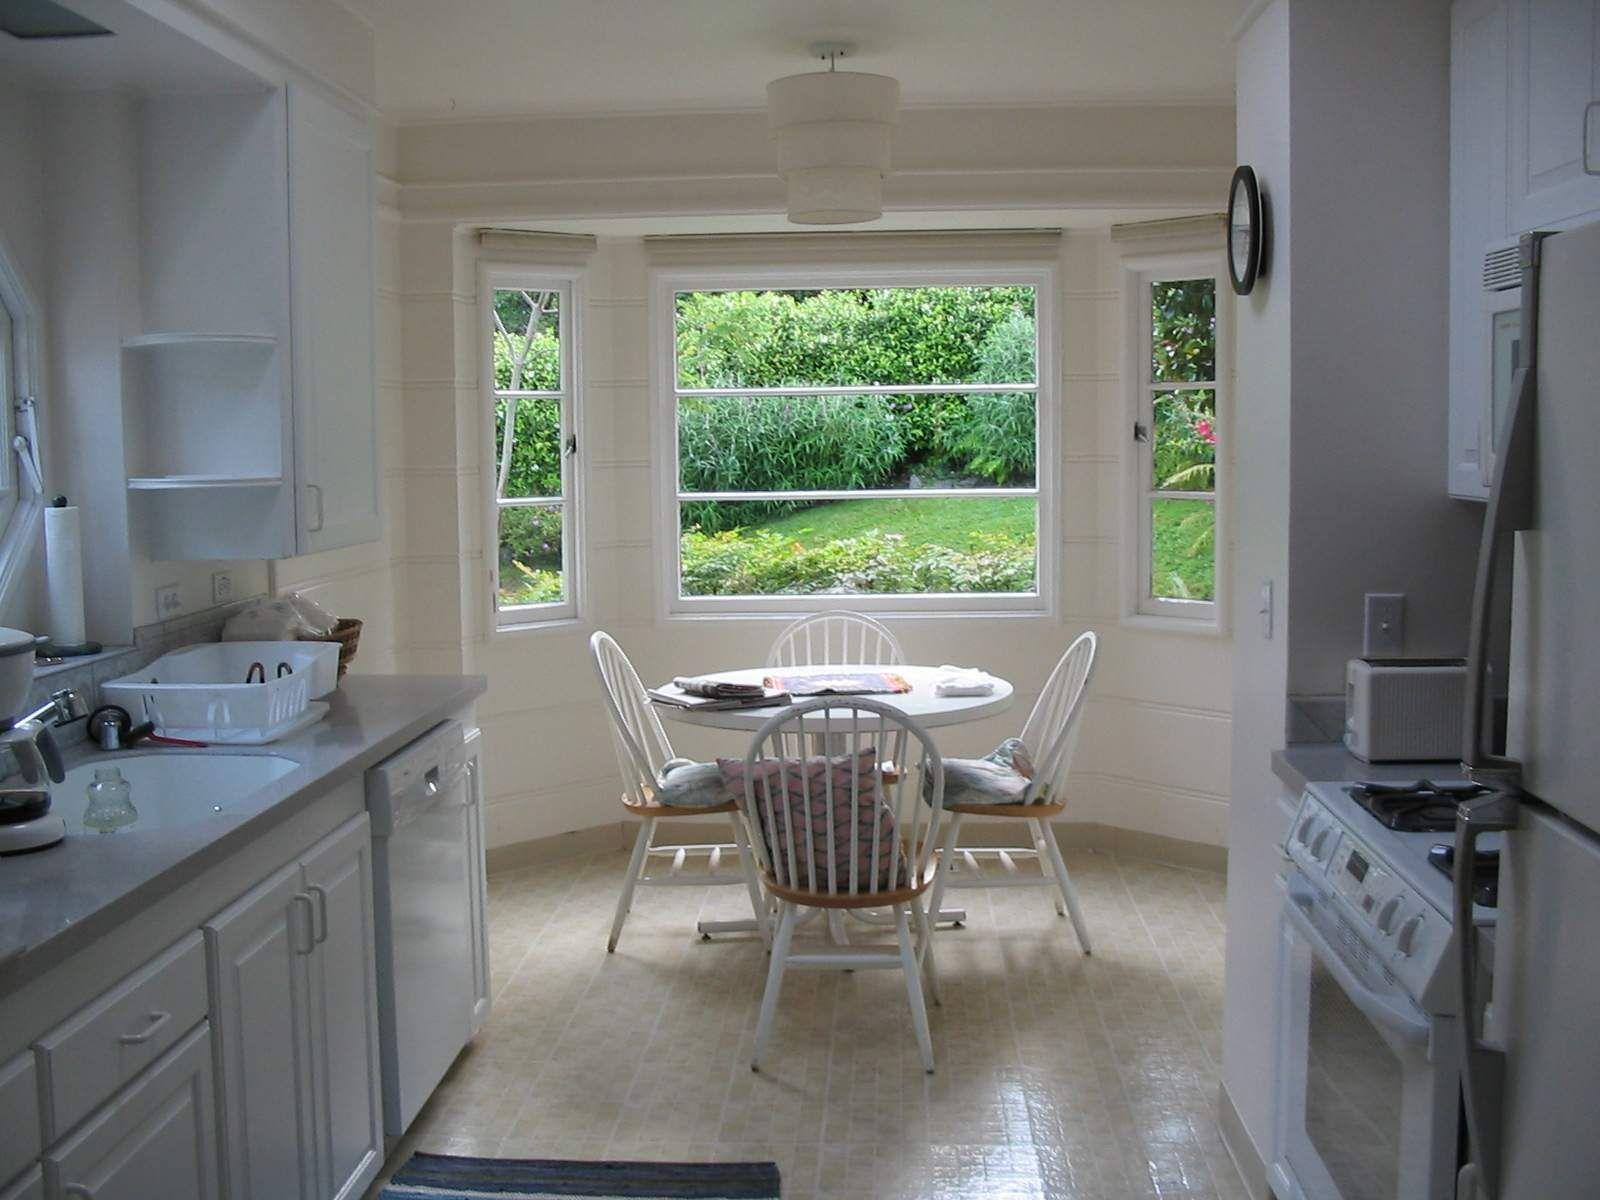 cocinas-con-office-o-mesa-de-comedor-integrado | Arquitectura ...